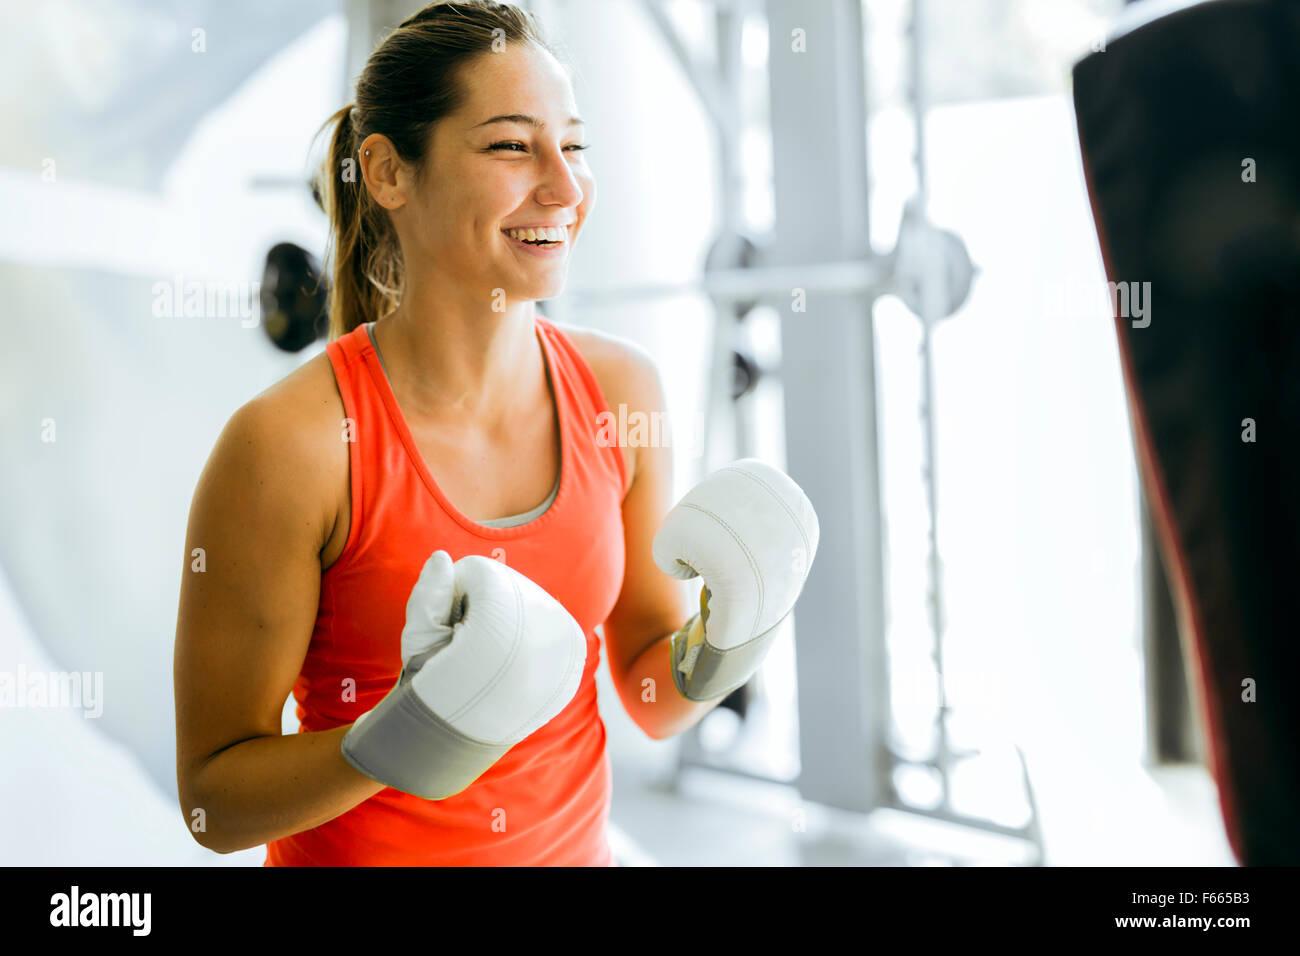 Mujer joven y entrenamiento de boxeo en un gimnasio Imagen De Stock